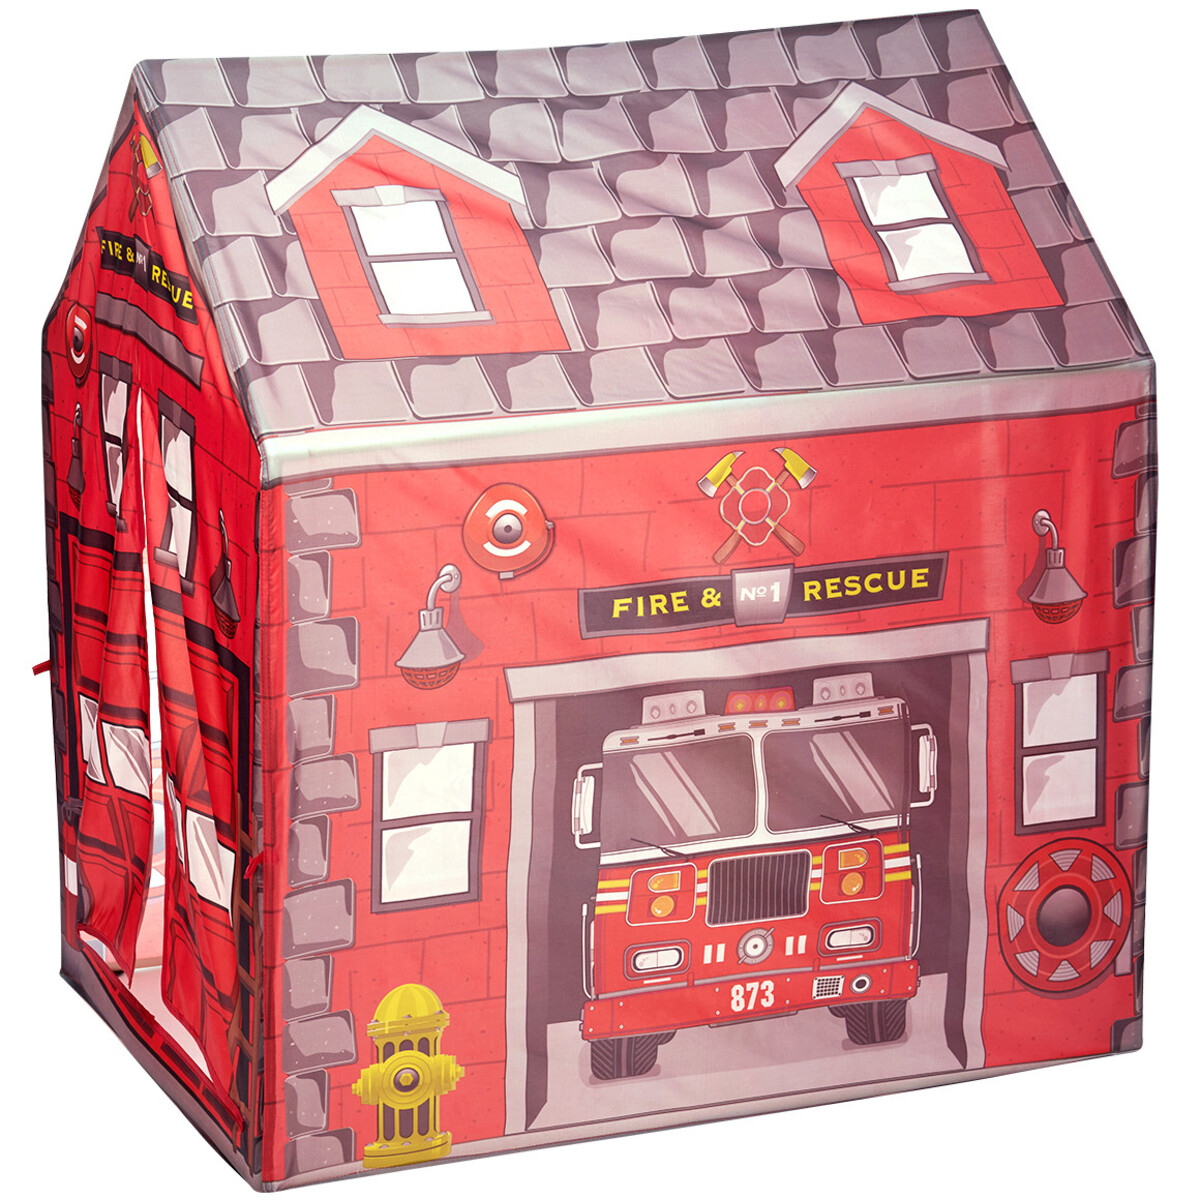 Bild 3 von Kinderspielzelt im Feuerwehr-Dessin